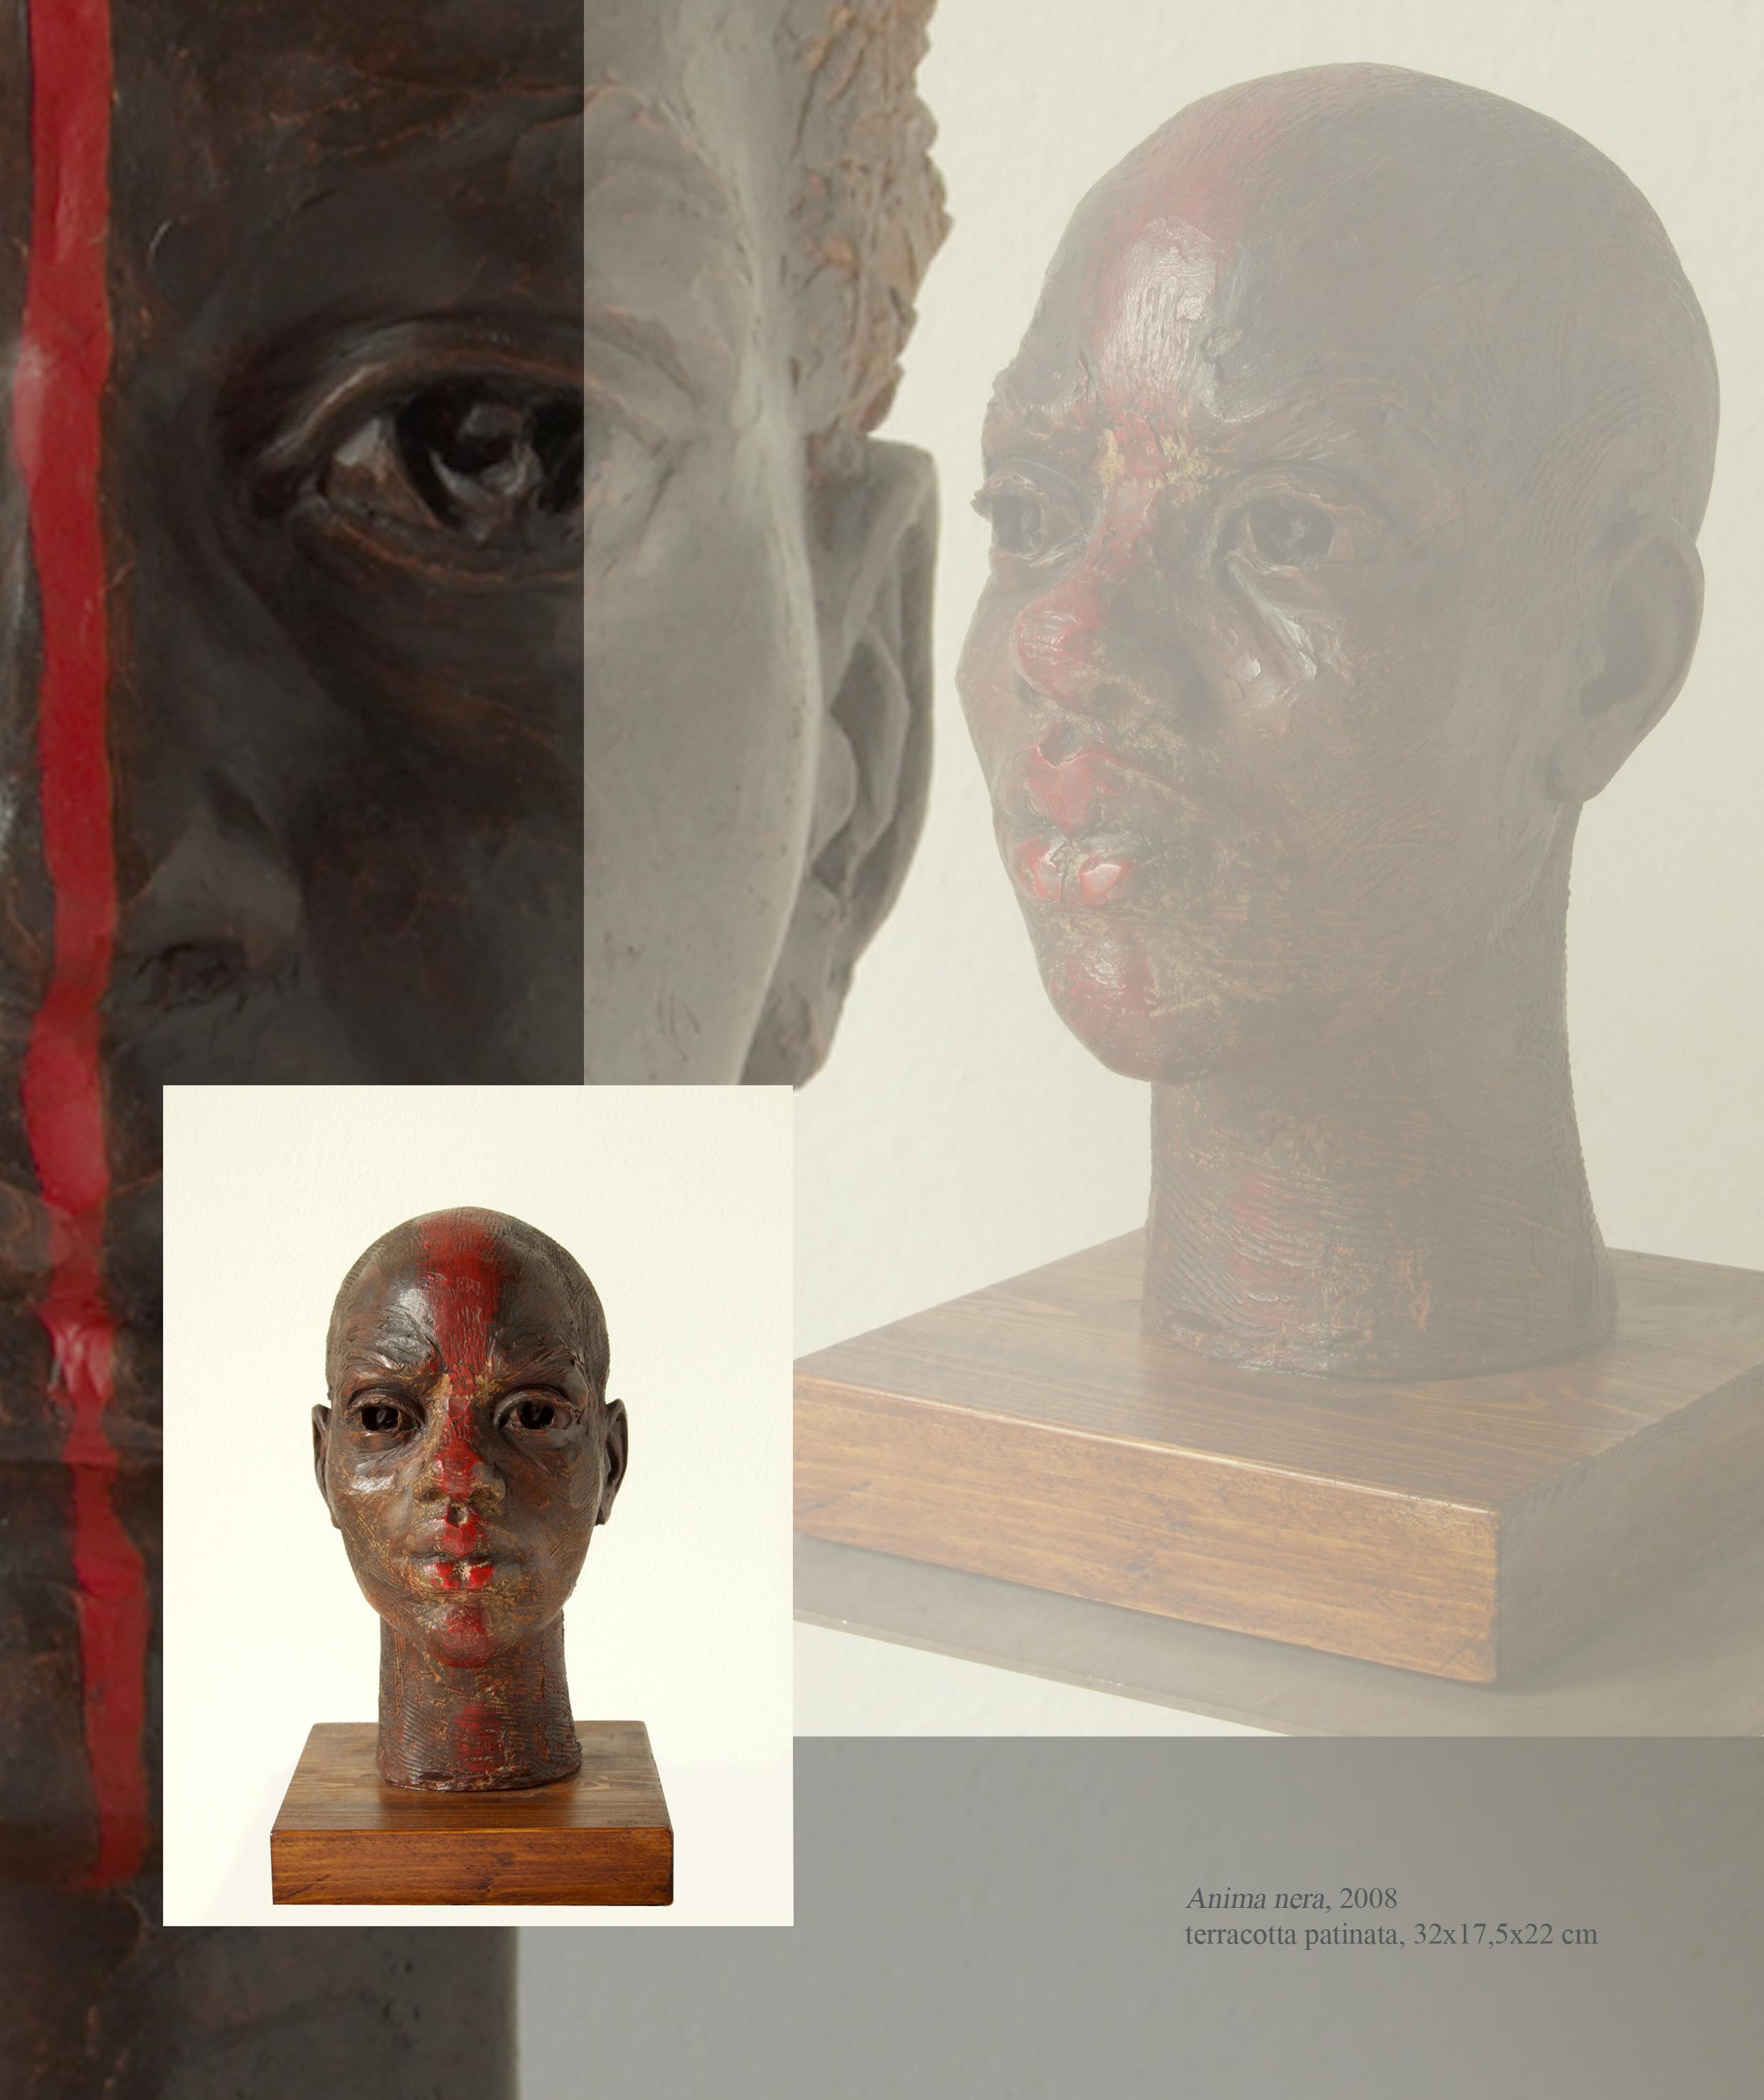 le figlie di Hipos sculture di Elena Mut